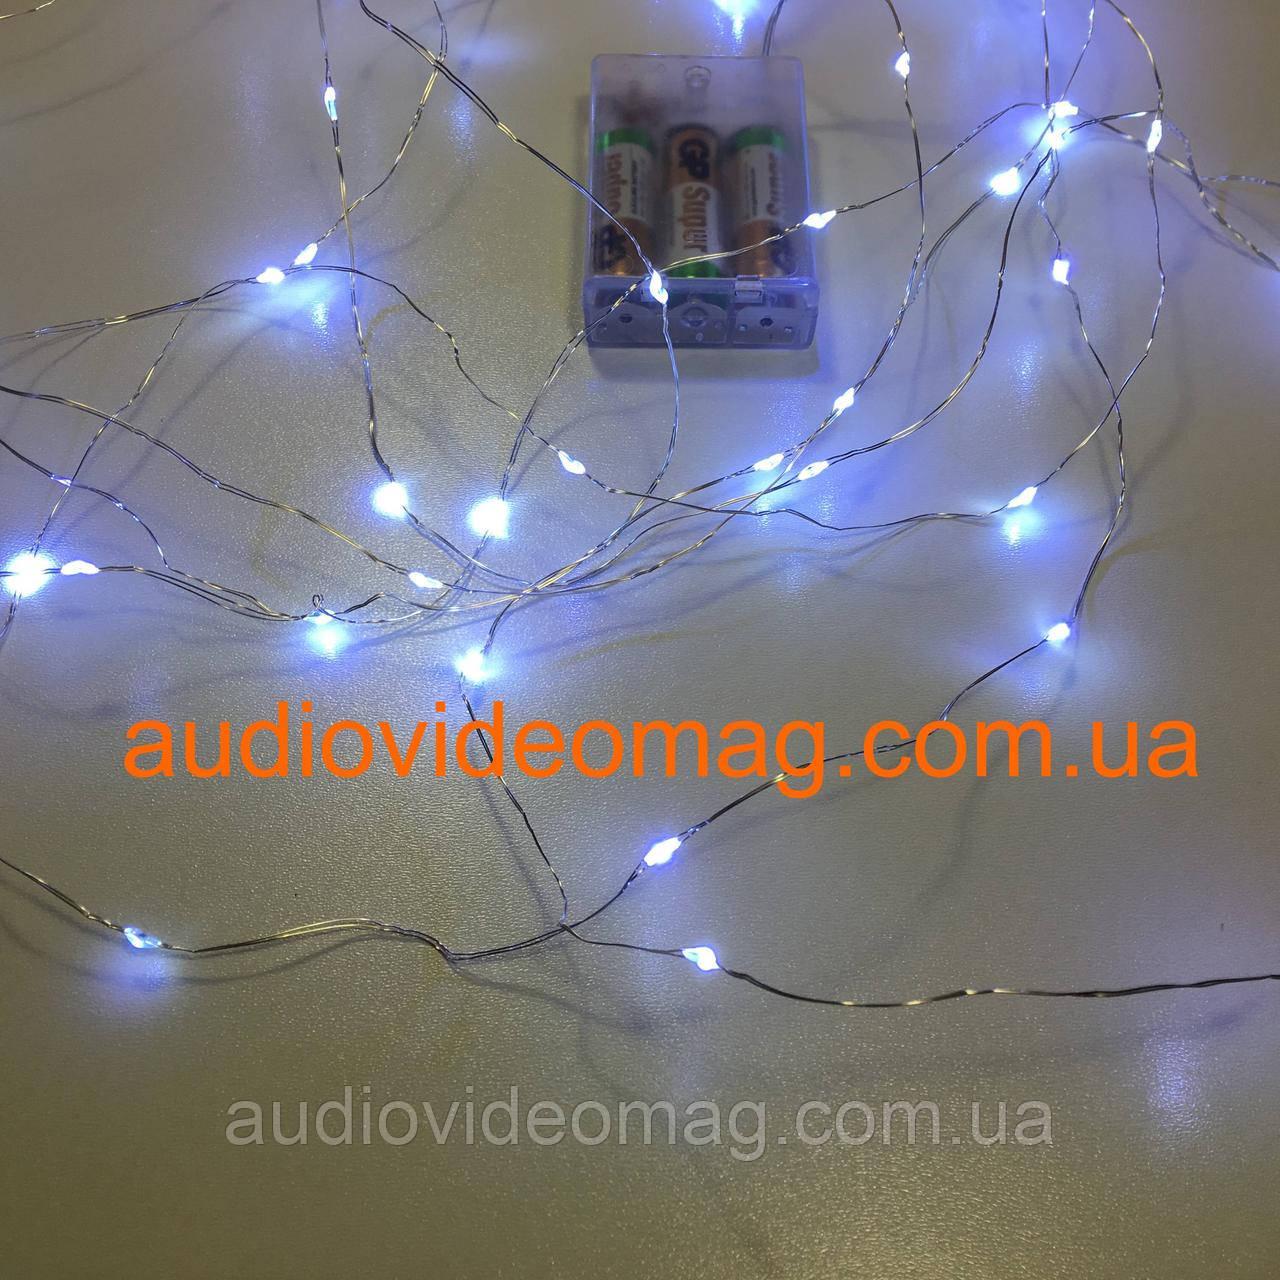 Гірлянда для декору на батарейках, колір білий (холодний), 3 метра, 30 світлодіодів